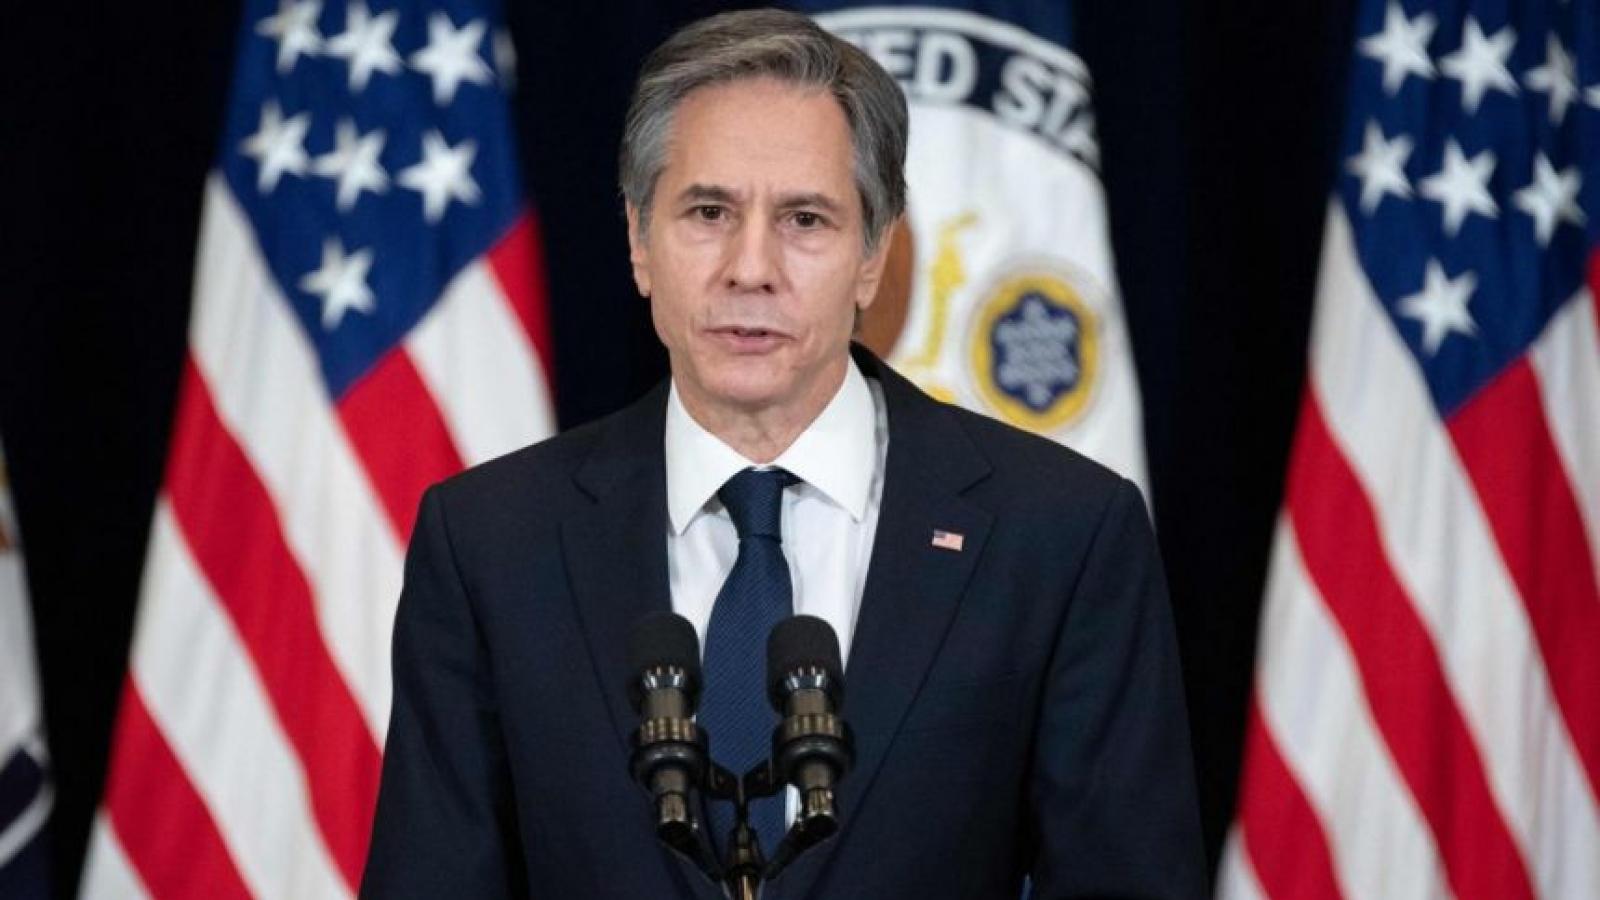 """Tranh cử vào Hội đồng Nhân quyền: Bước mới nhất trong chính sách """"Nước Mỹ trở lại"""""""